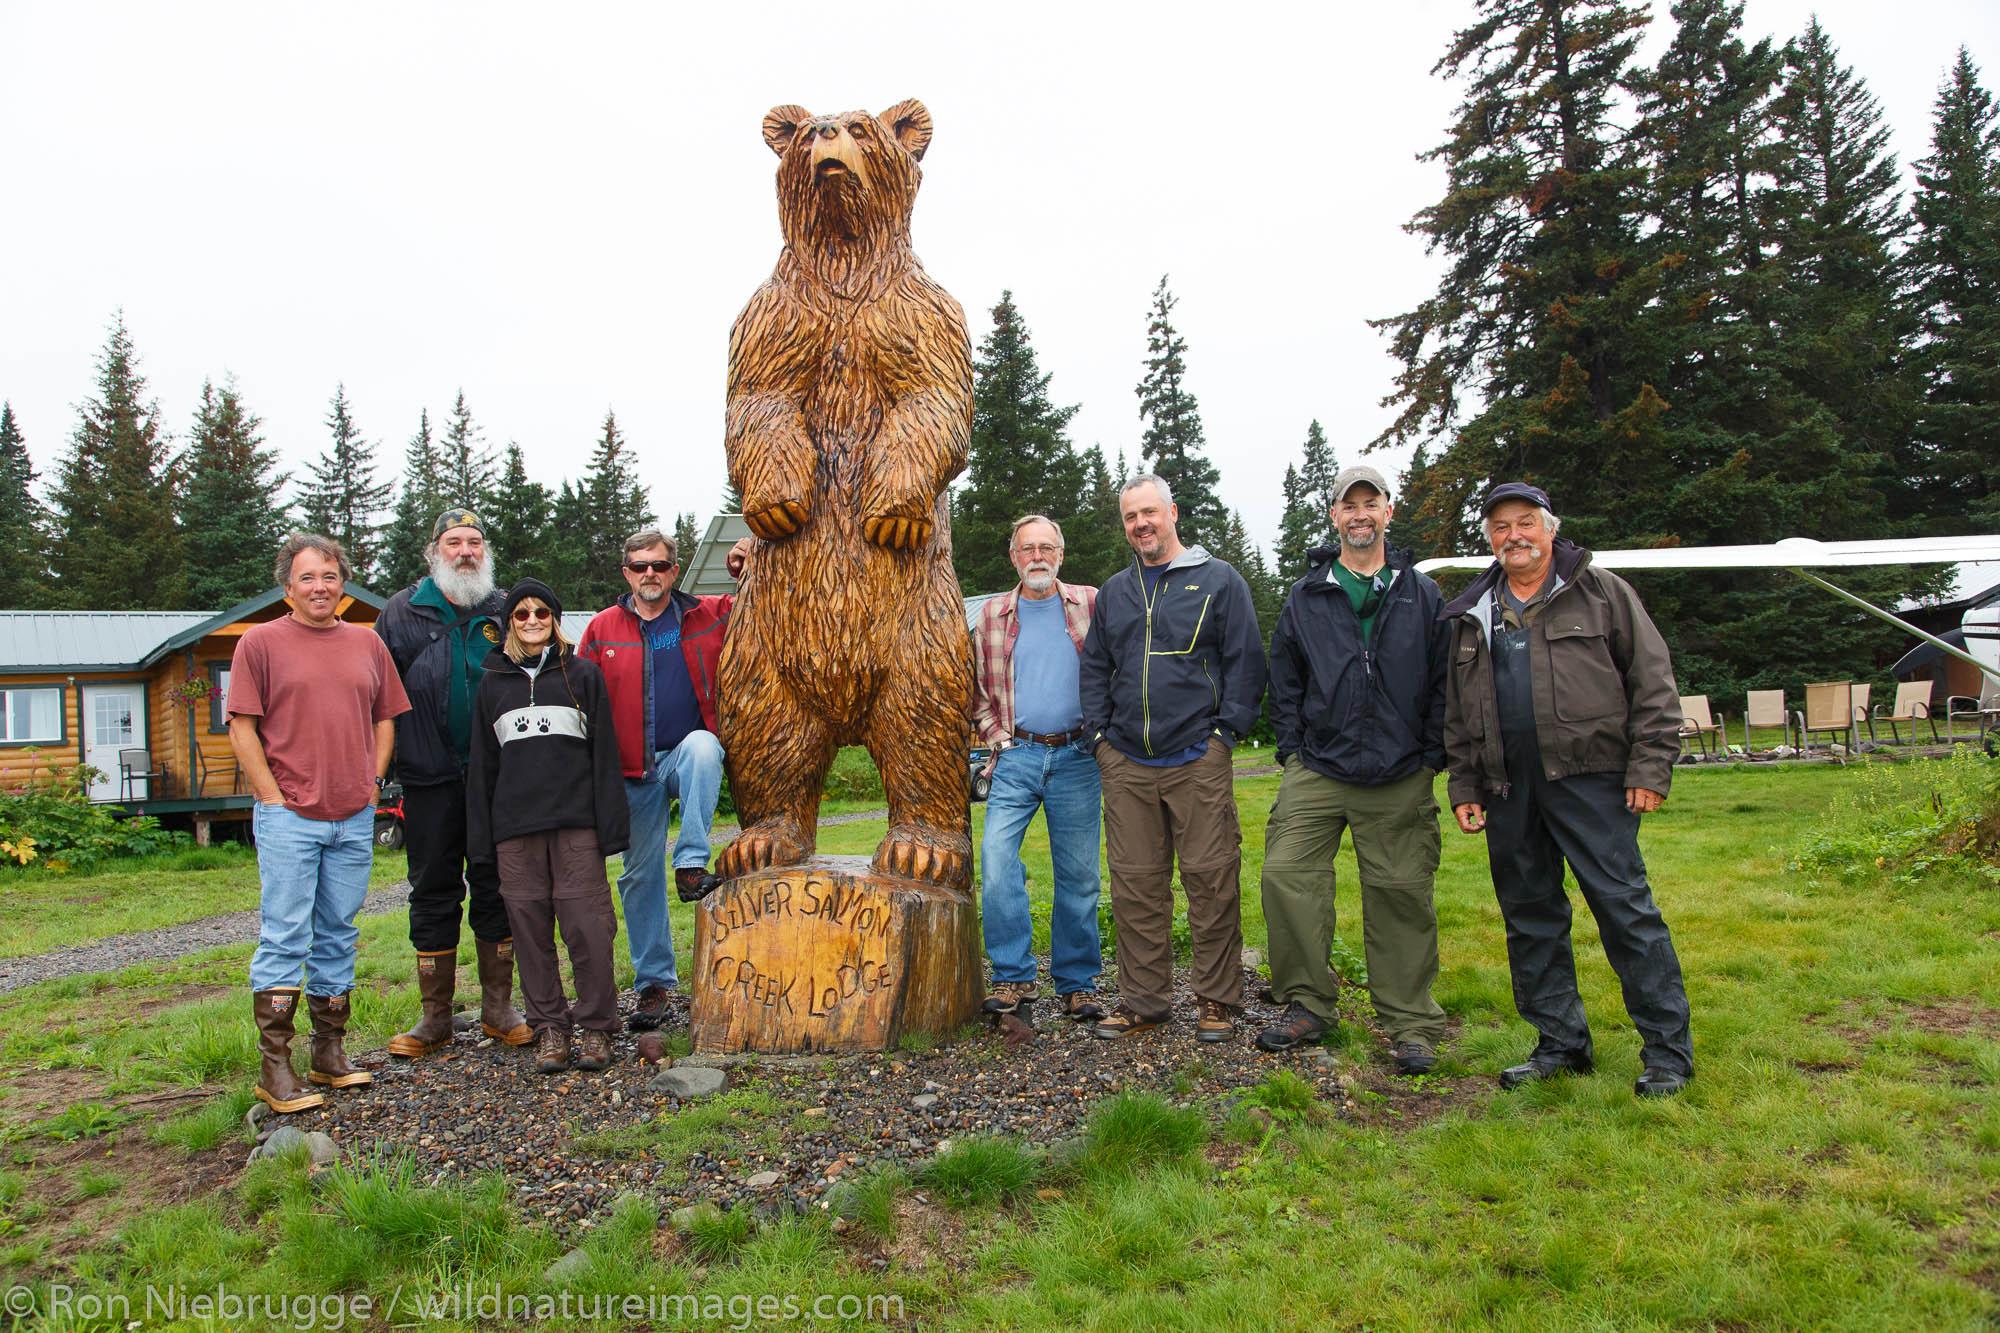 Photo Tour Group, Lake Clark National Park, Alaska.